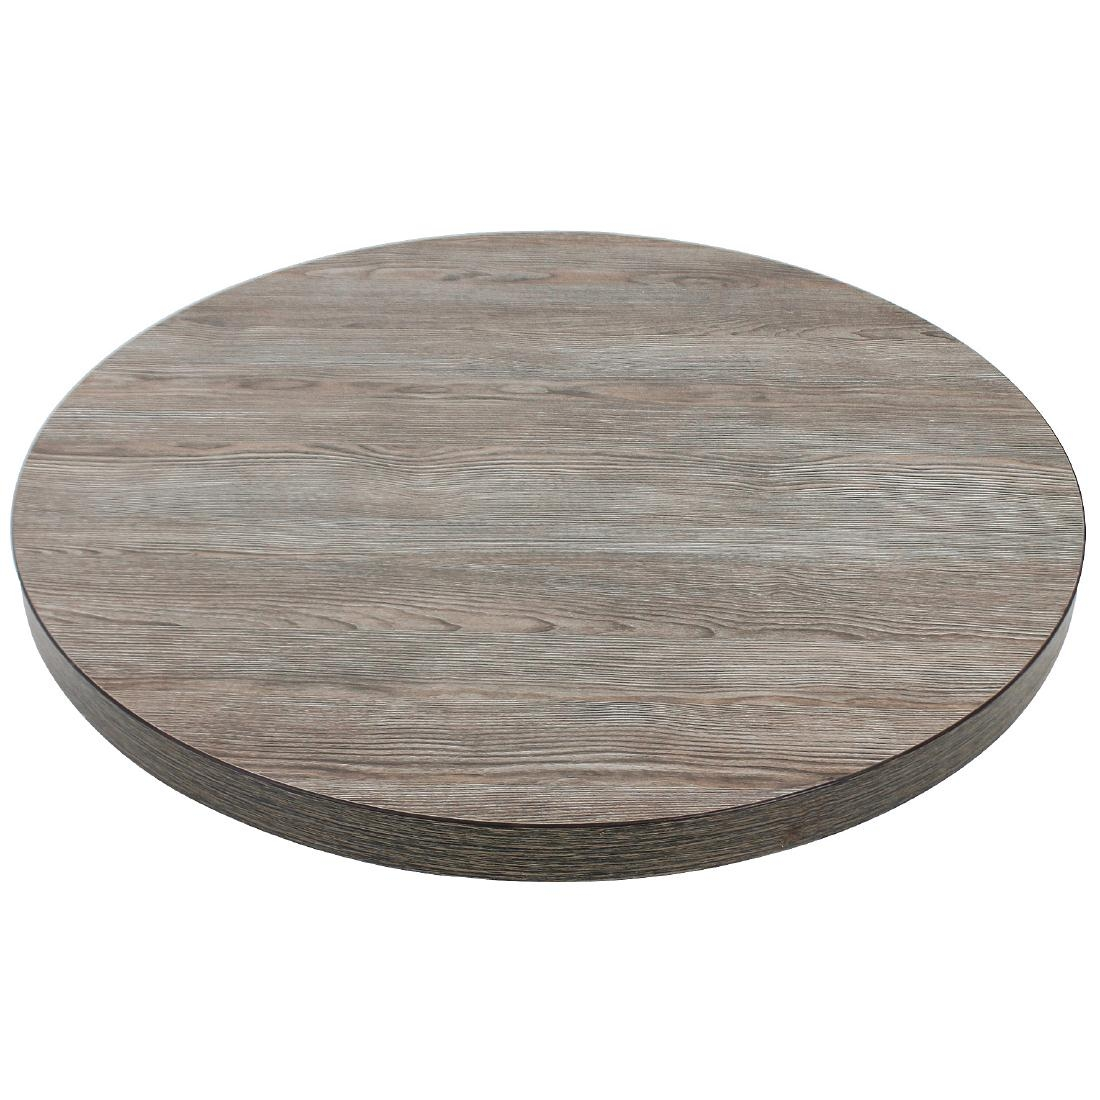 Plateau de table rond 600mm épaisseur 48mm effet bois gris